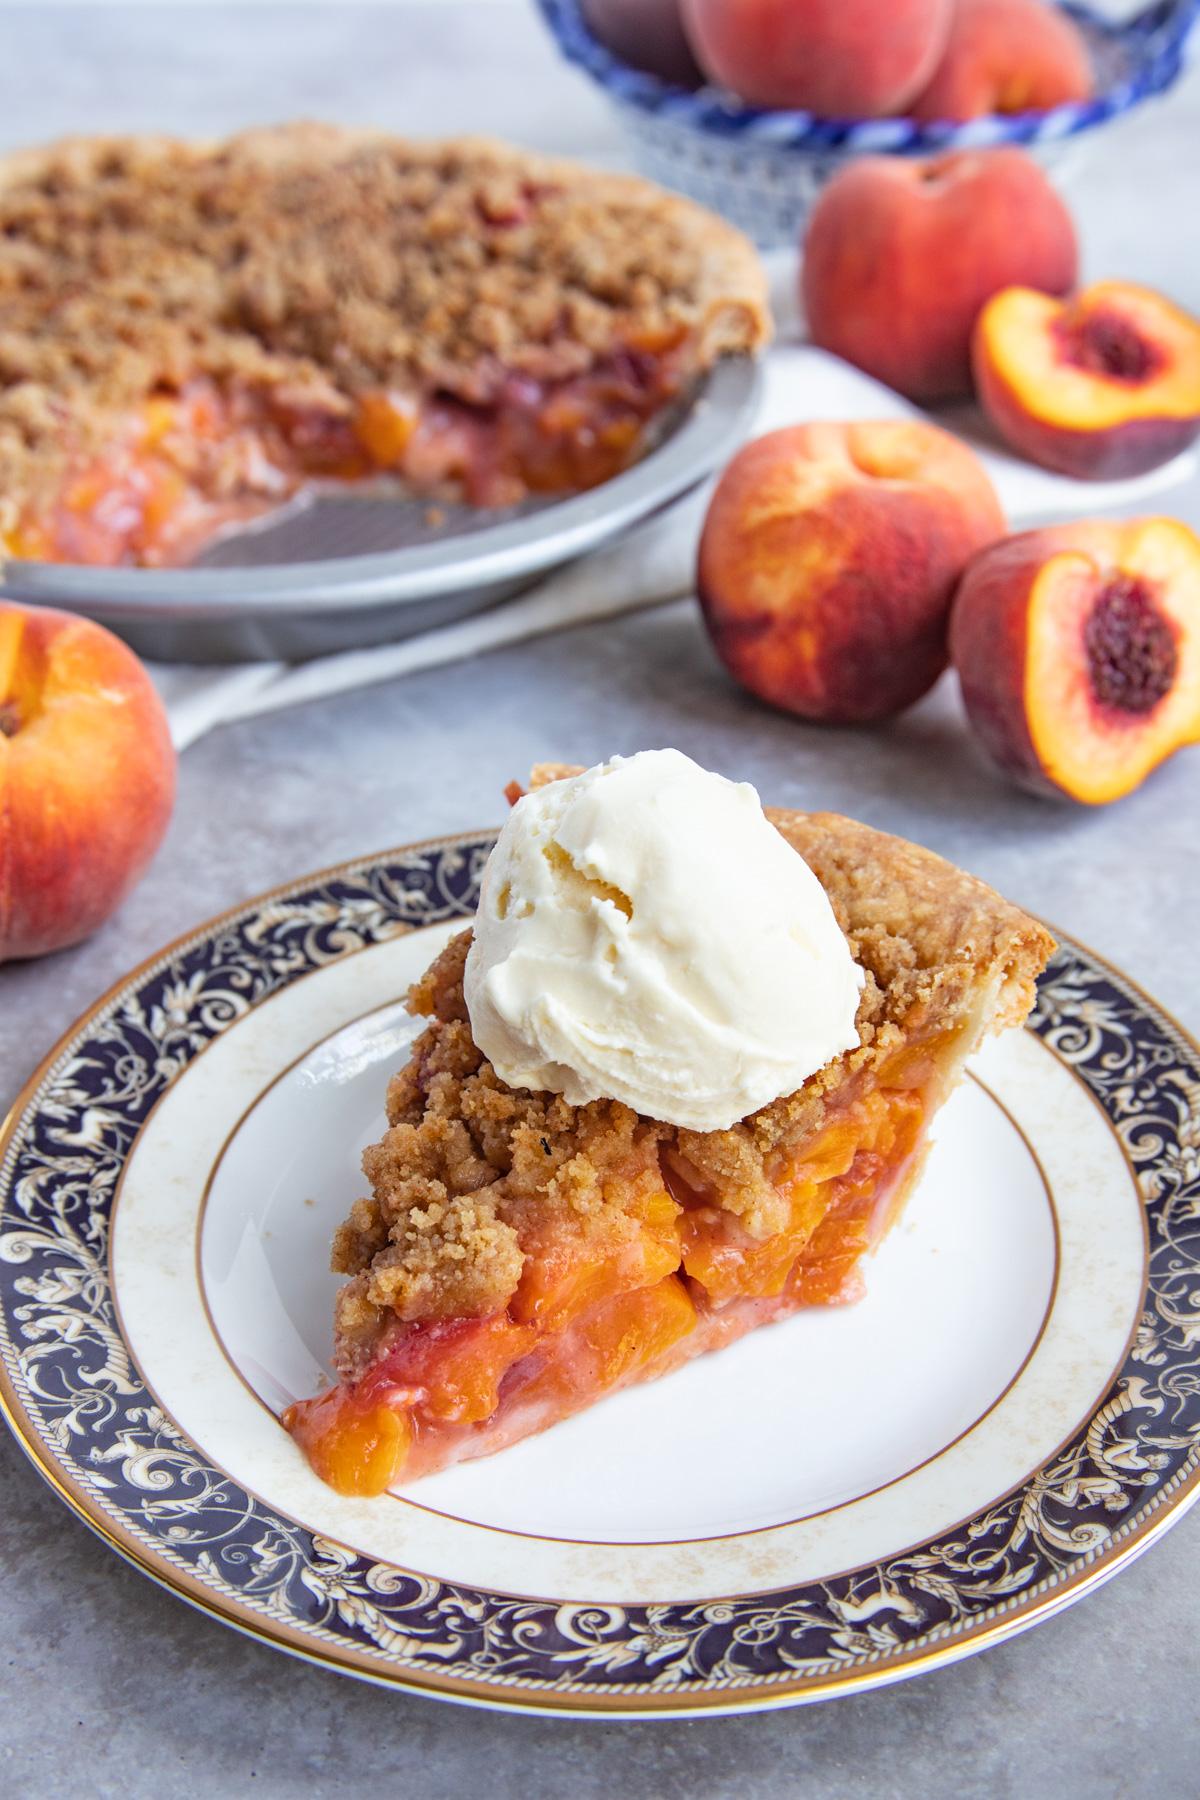 Slice of peach crumble pie on dessert plate with scoop of vaniila ice cream